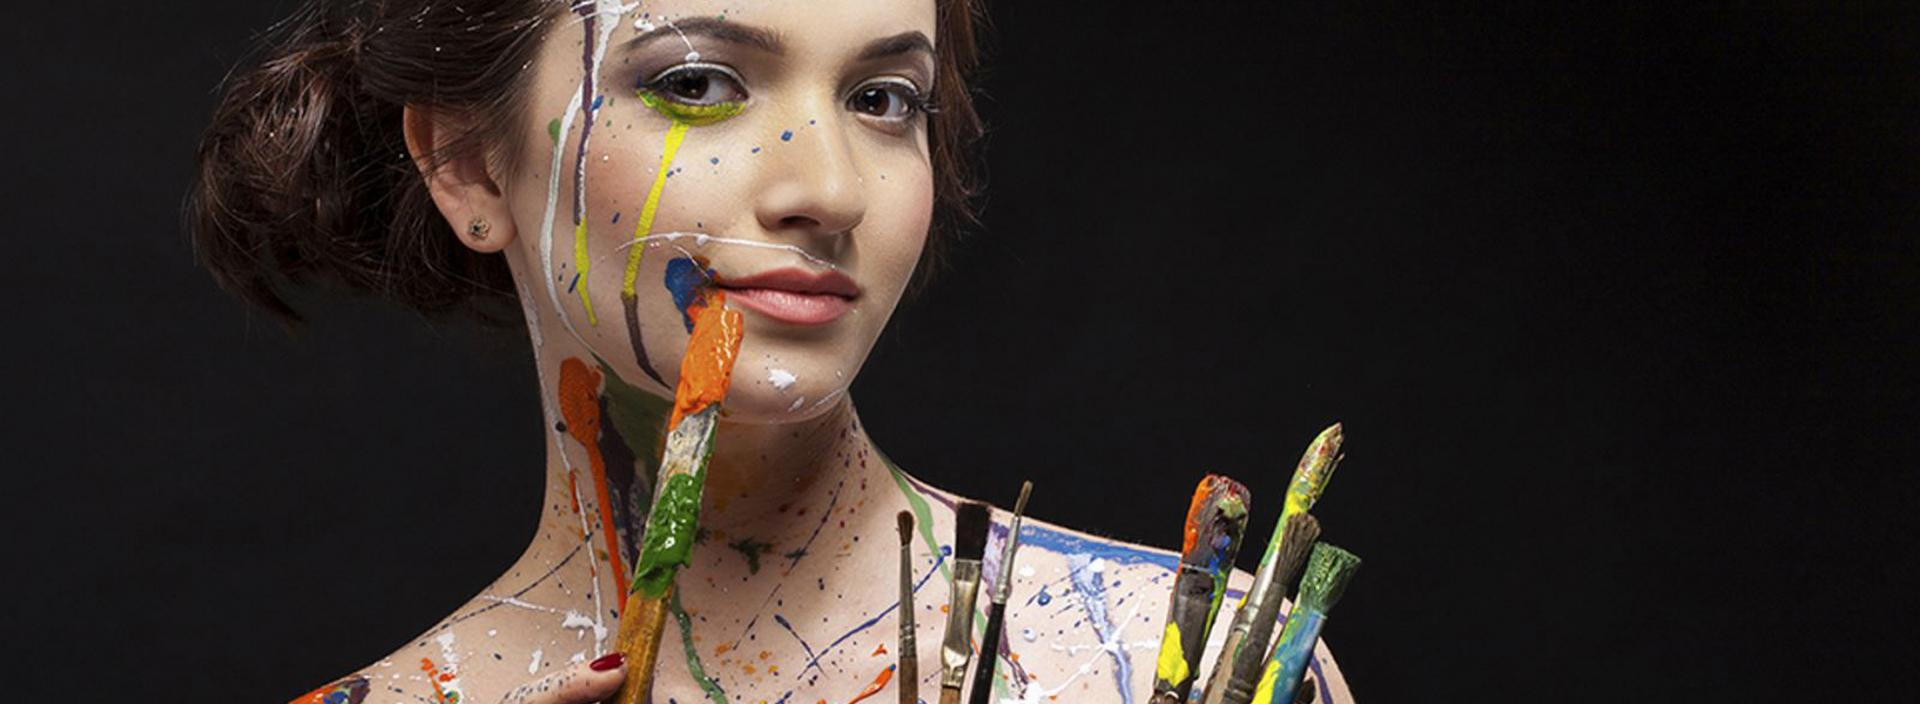 Workshop em Pintura Emocional